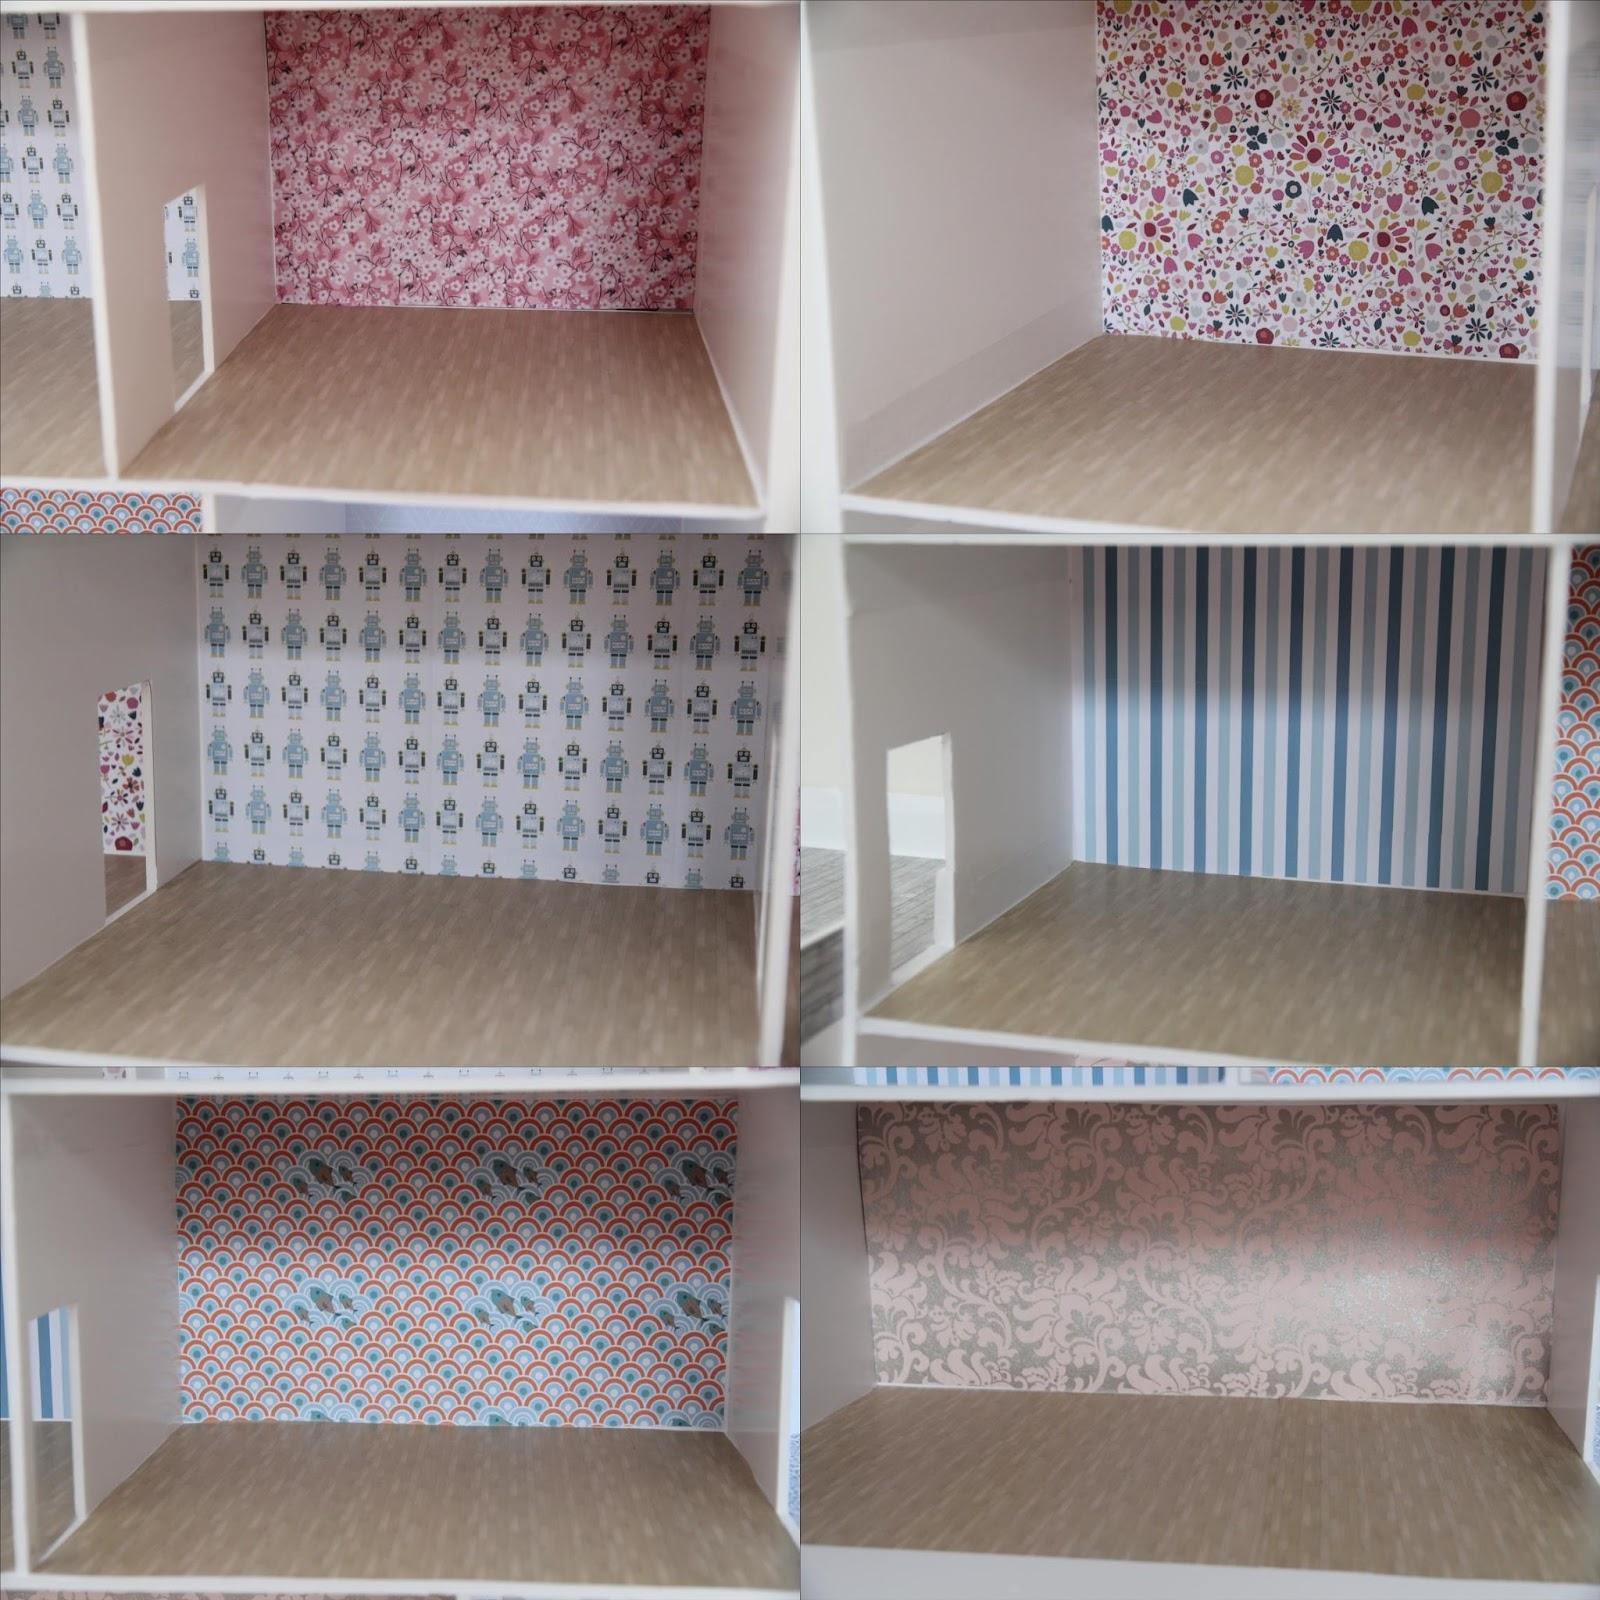 laisse luciefer les petits secrets couture tuto maison playmobil en carton. Black Bedroom Furniture Sets. Home Design Ideas